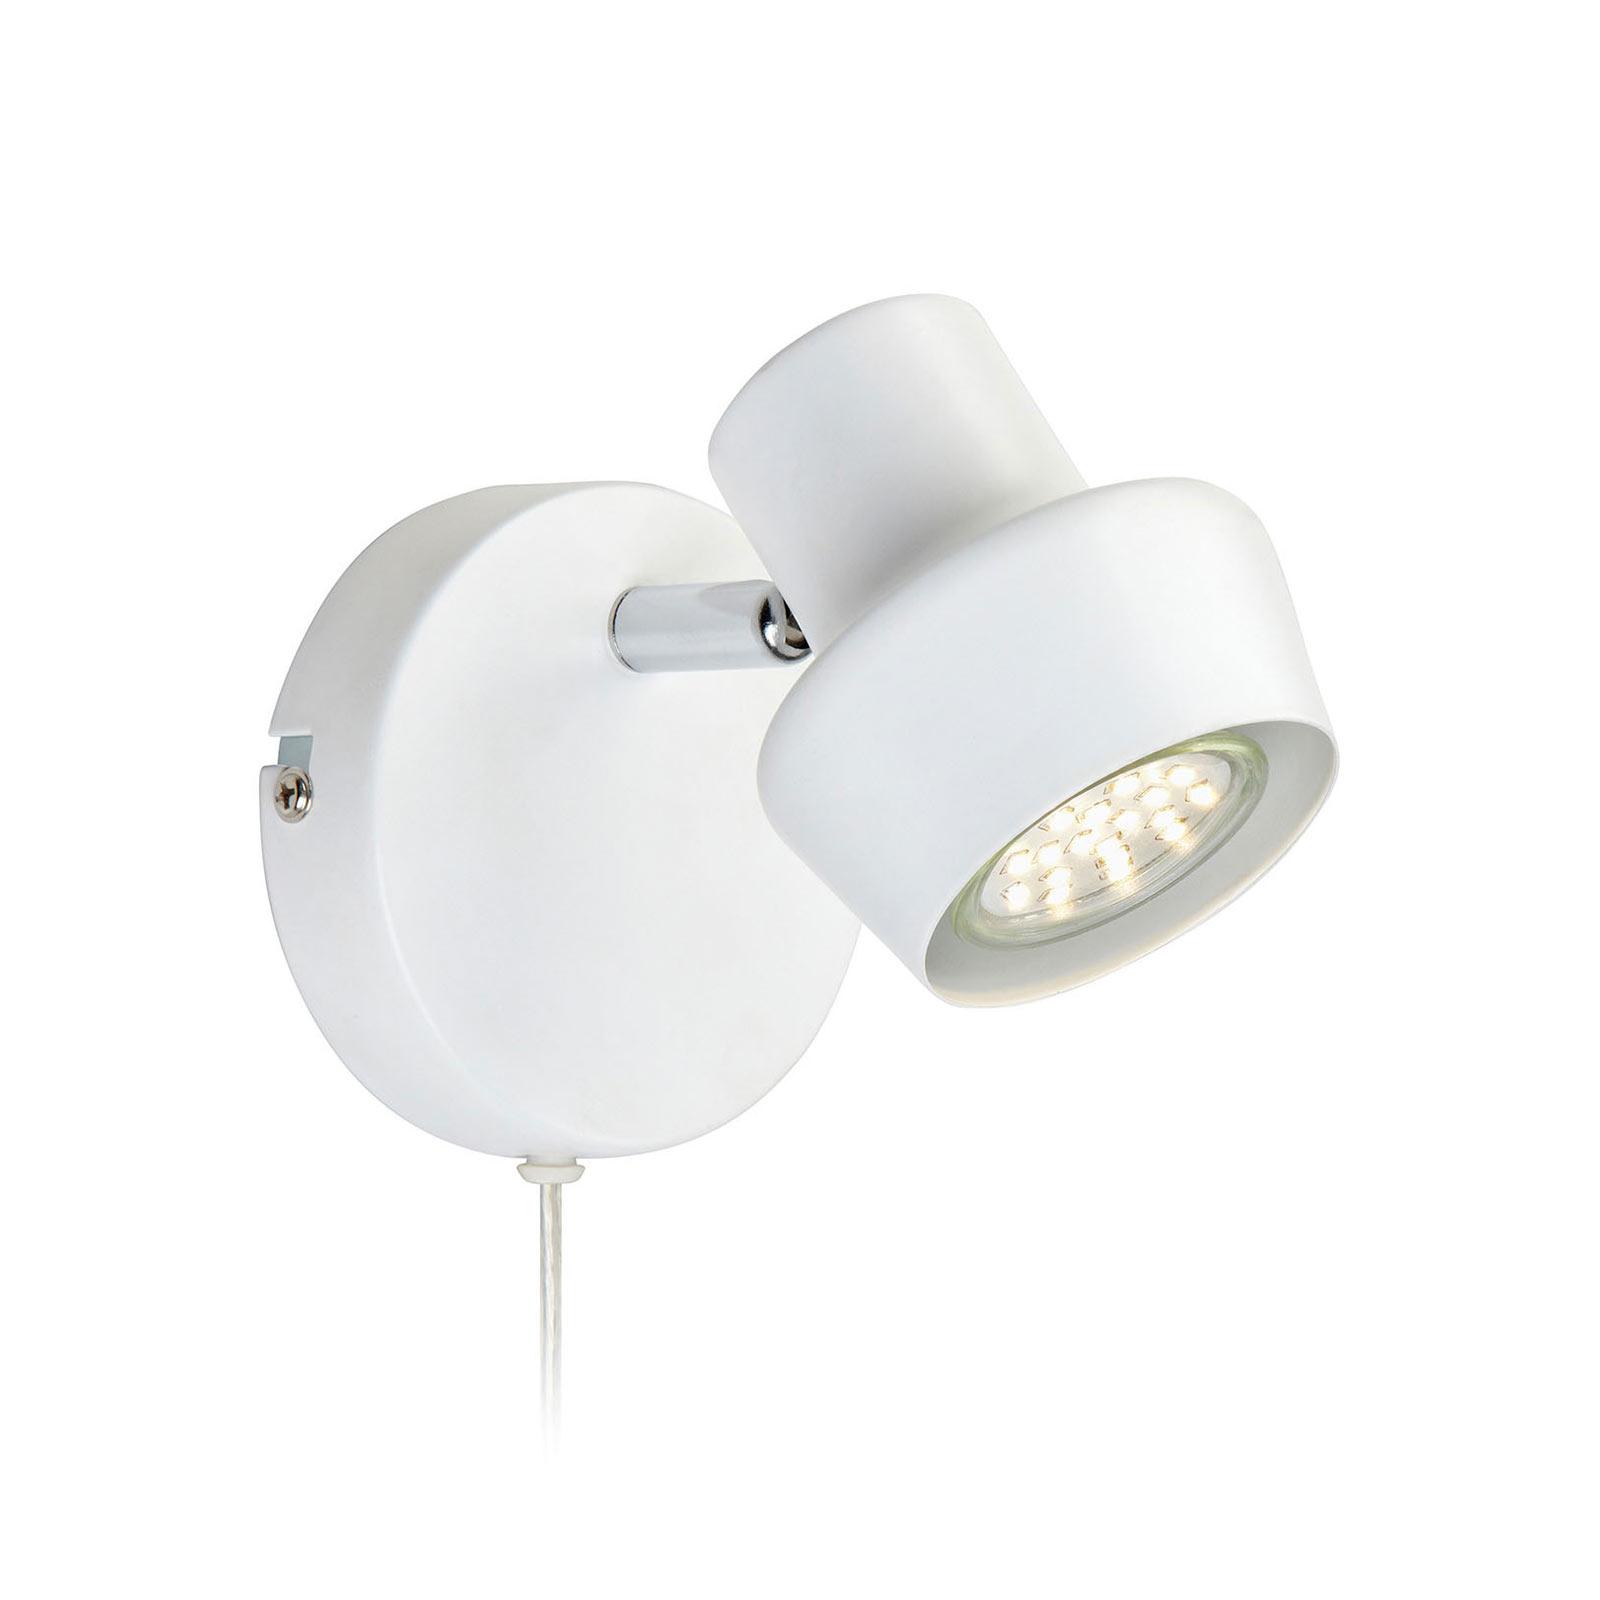 Vegglampe Urn med kabel og plugg, hvit